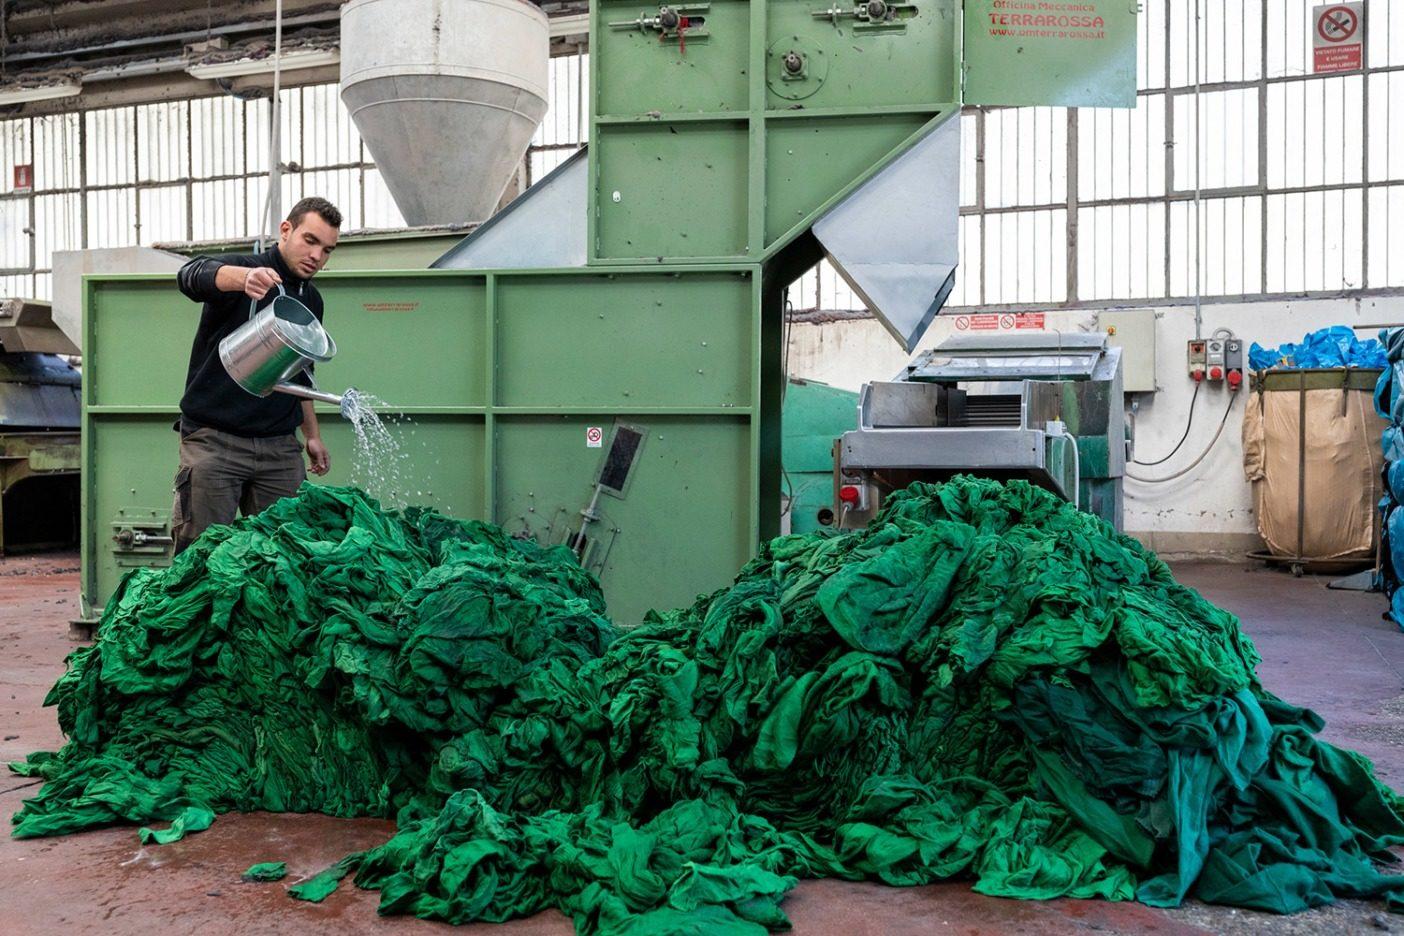 リサイクルされたウール廃棄物を細断機にかける準備をするガブリエル・ミケローニ。衣類のリサイクルは、それを回収し、分別し、細断し、梳き、紡ぎ、織り、布地を新たな生命へと準備する専門ビジネスのネットワークに依存している。この機械はリサイクル・ウールの細断に使われる。 Photo: Keri Oberly